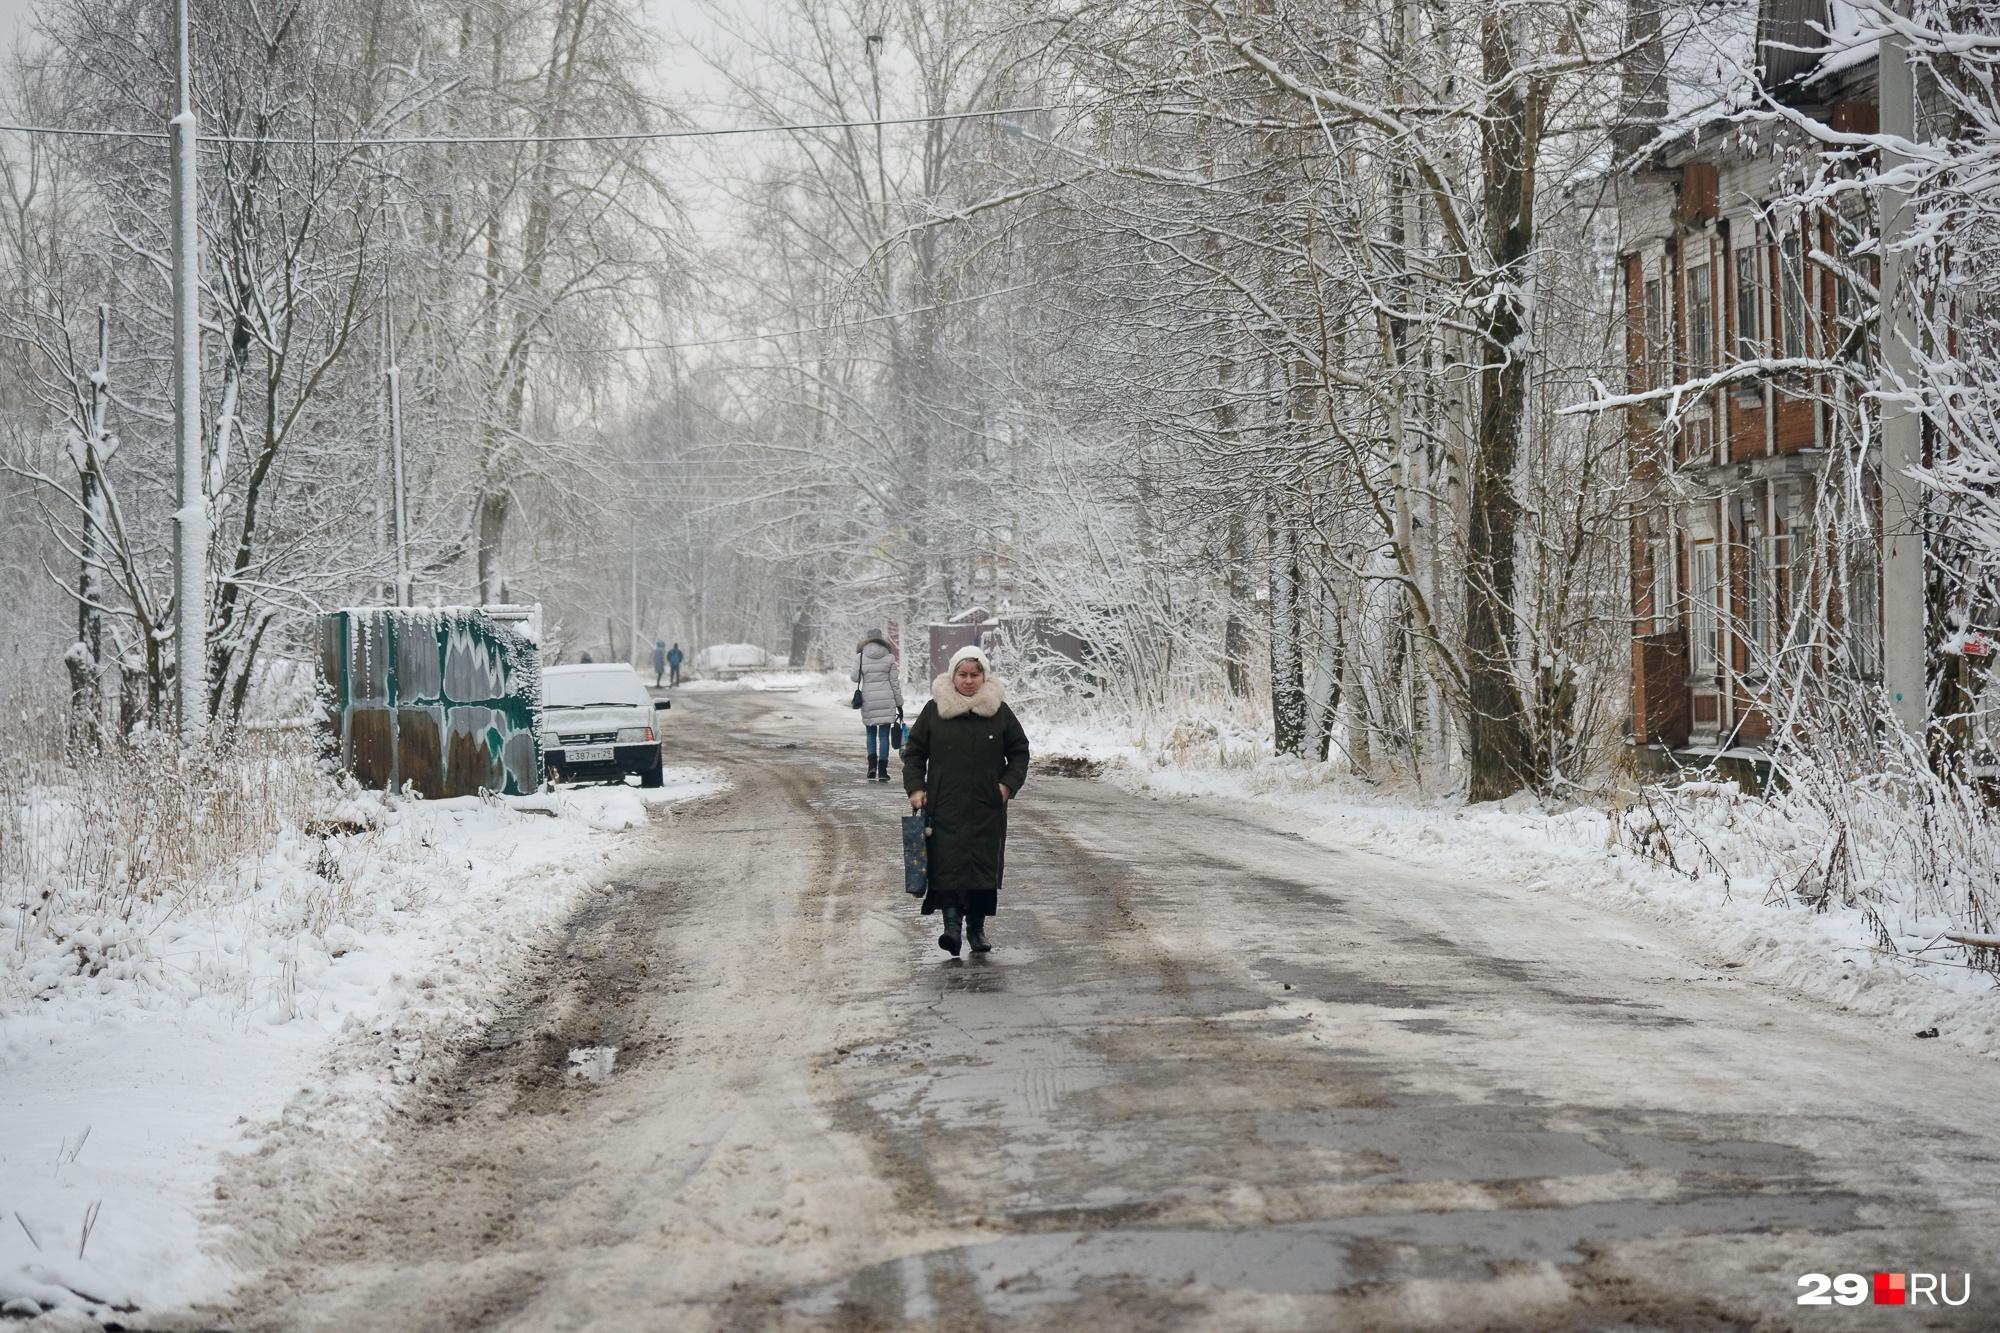 За отсутствием тротуаров как таковых в районе, где деревяшки, люди просто ходят по дороге